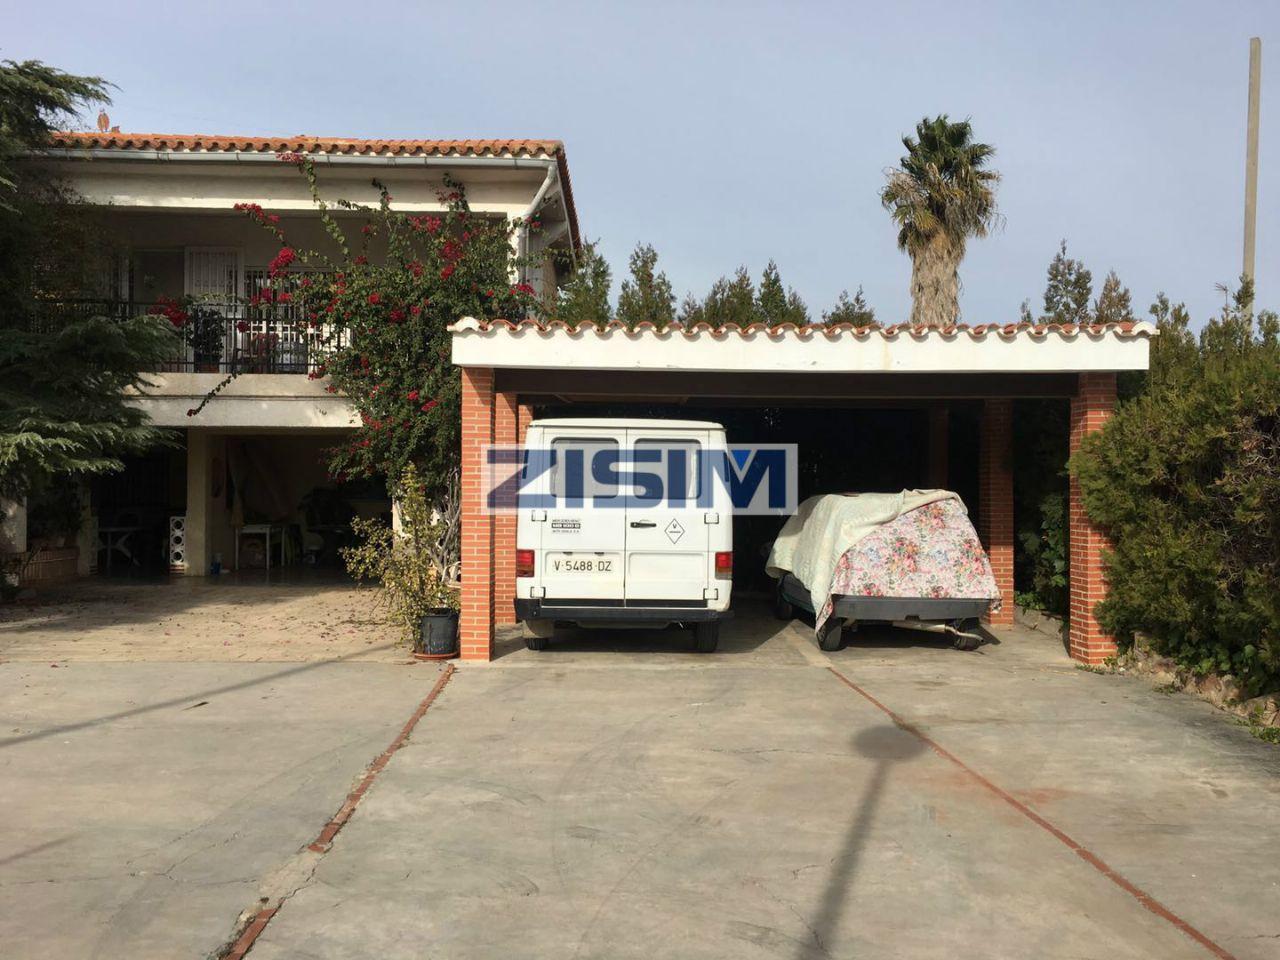 Casa / Chalet en Valencia, BETERA, venta